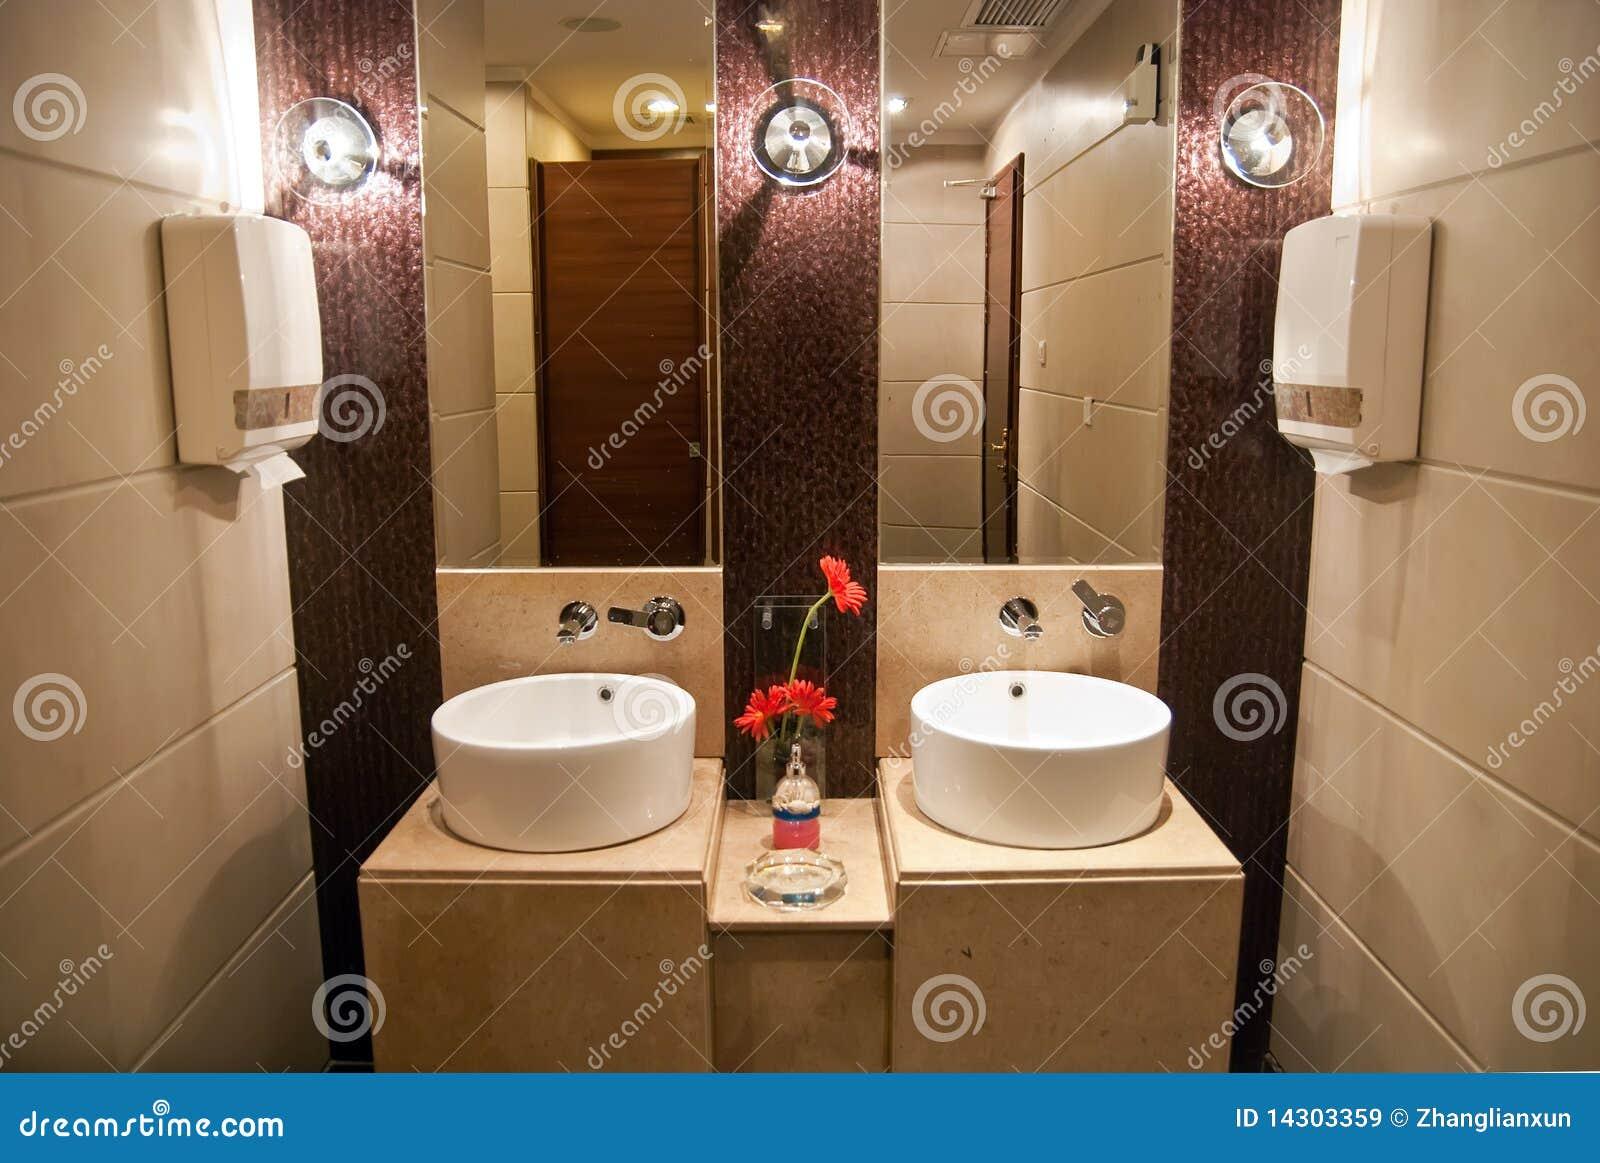 Toilette De Luxe Des Toilettes De Luxe Qui Suintgrent Directement